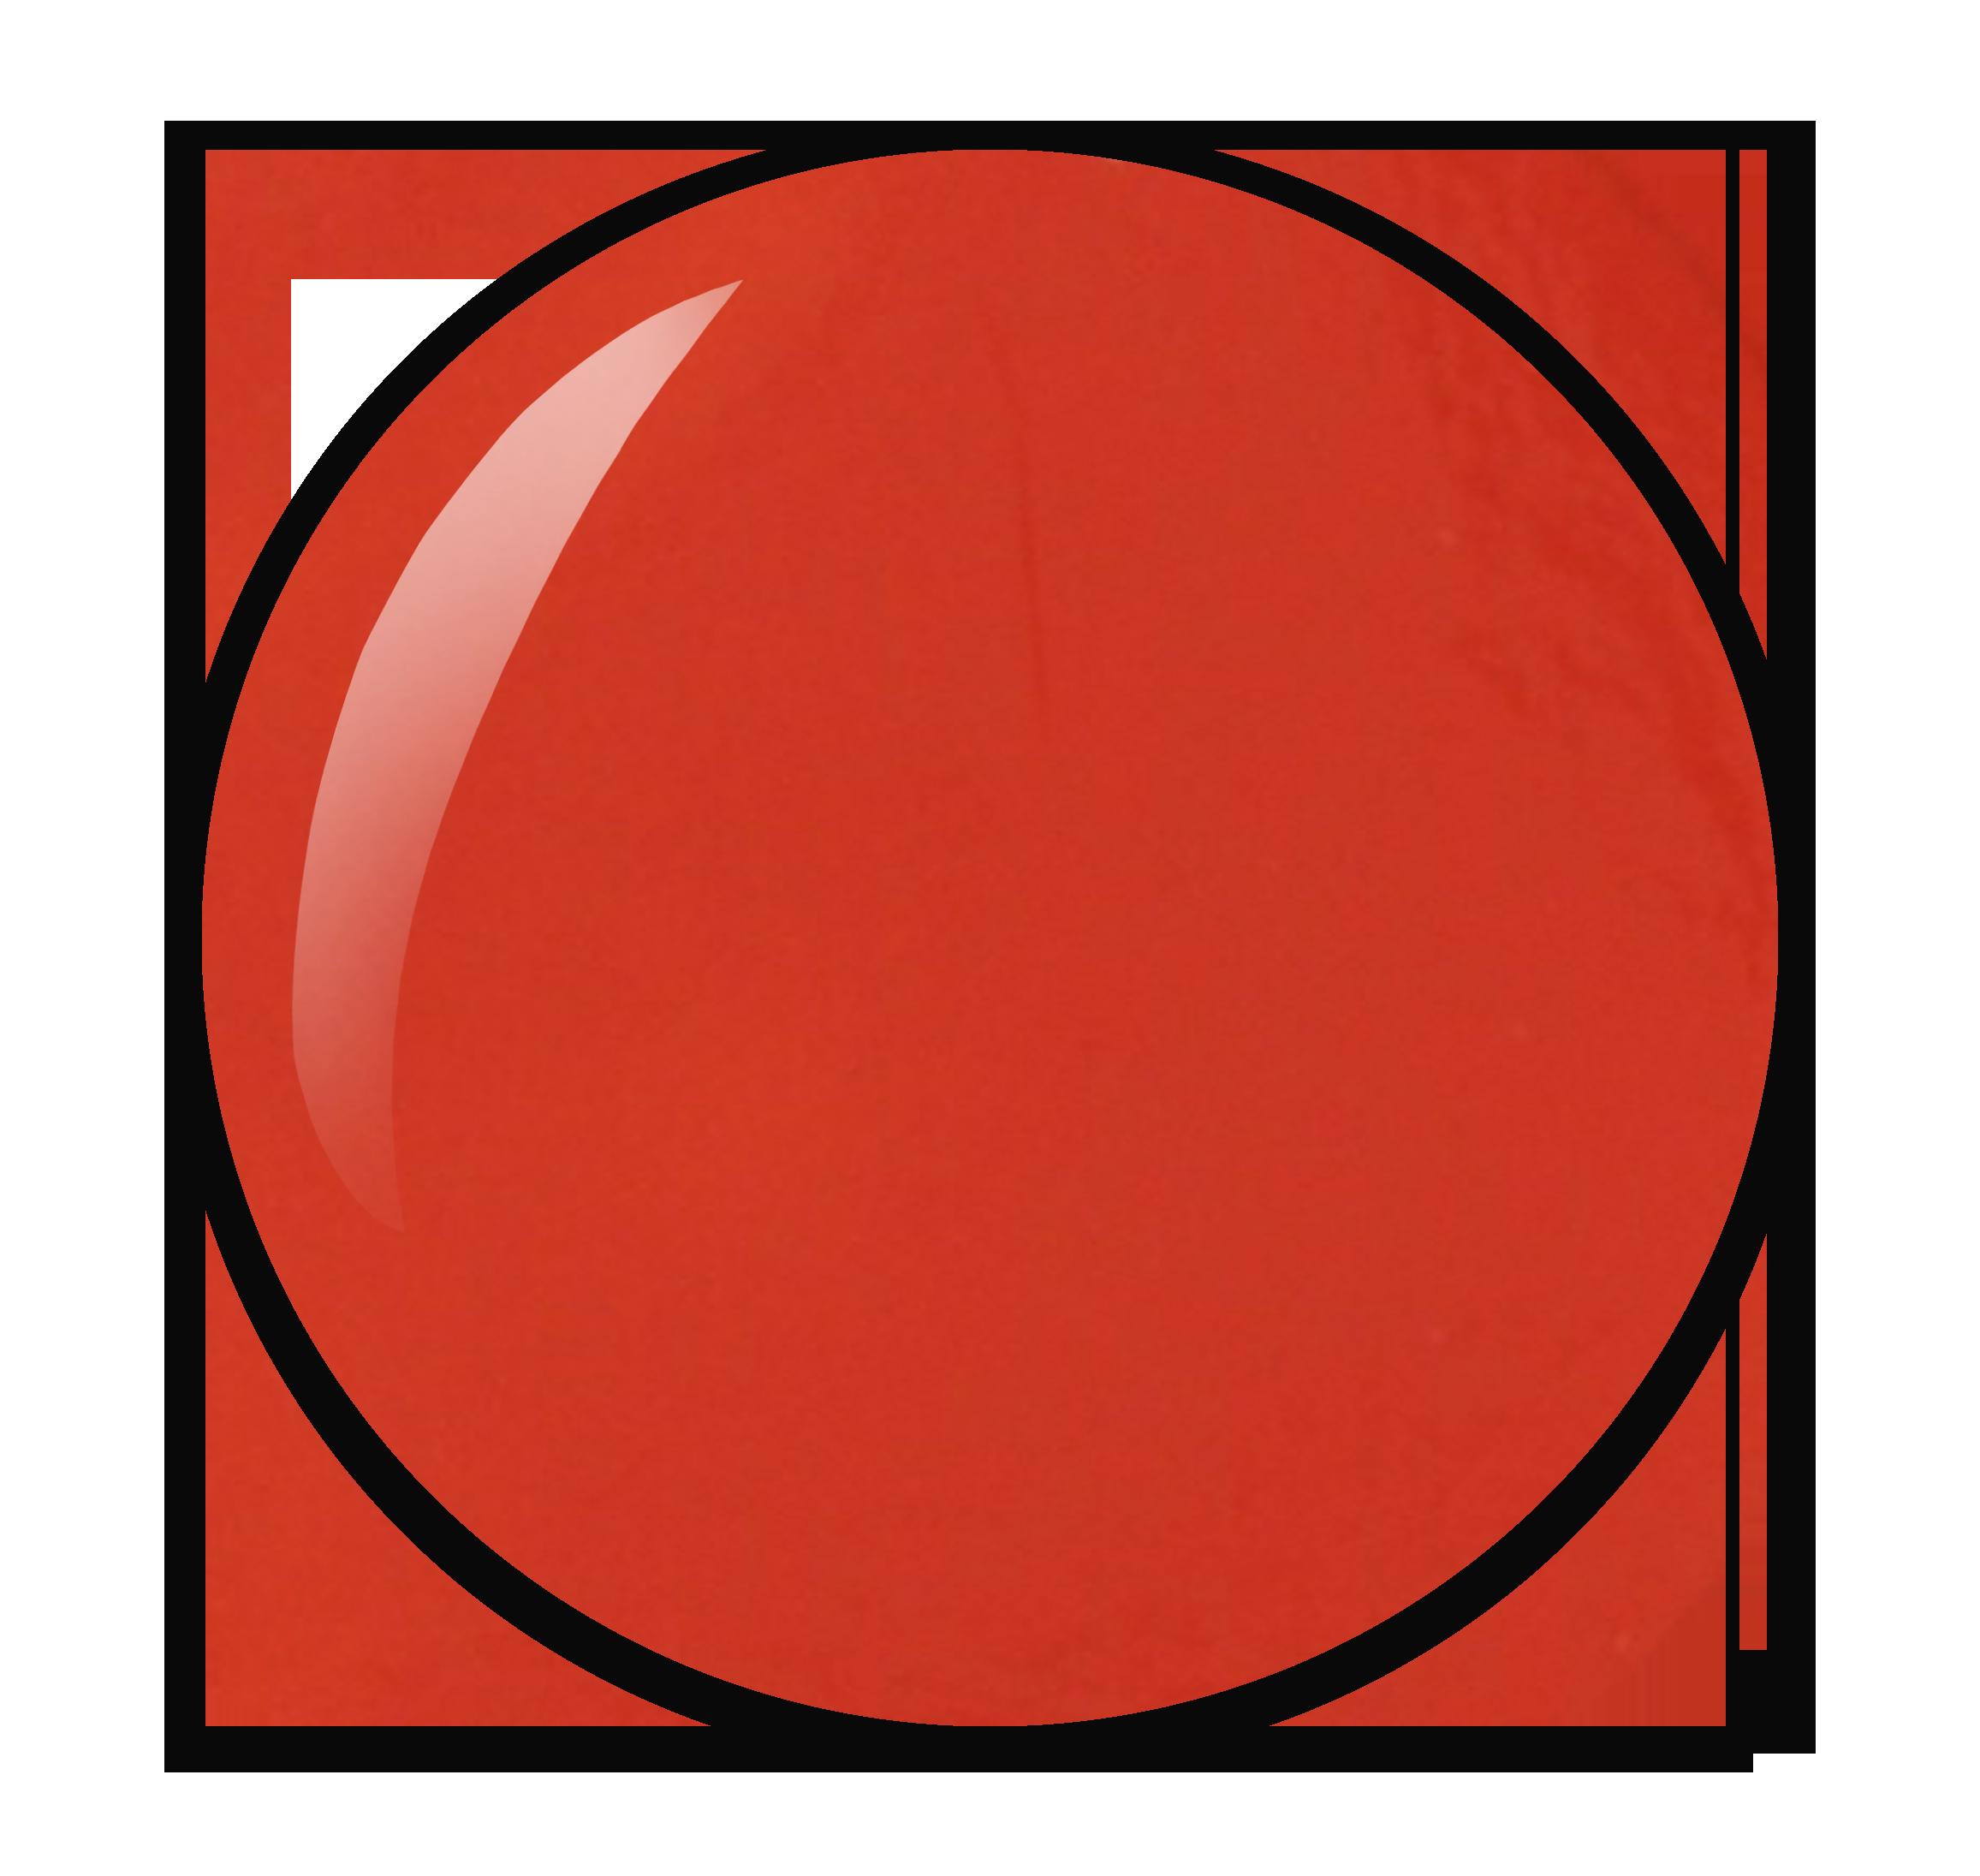 Oranje nagellak kleurnumer 29 van Herôme